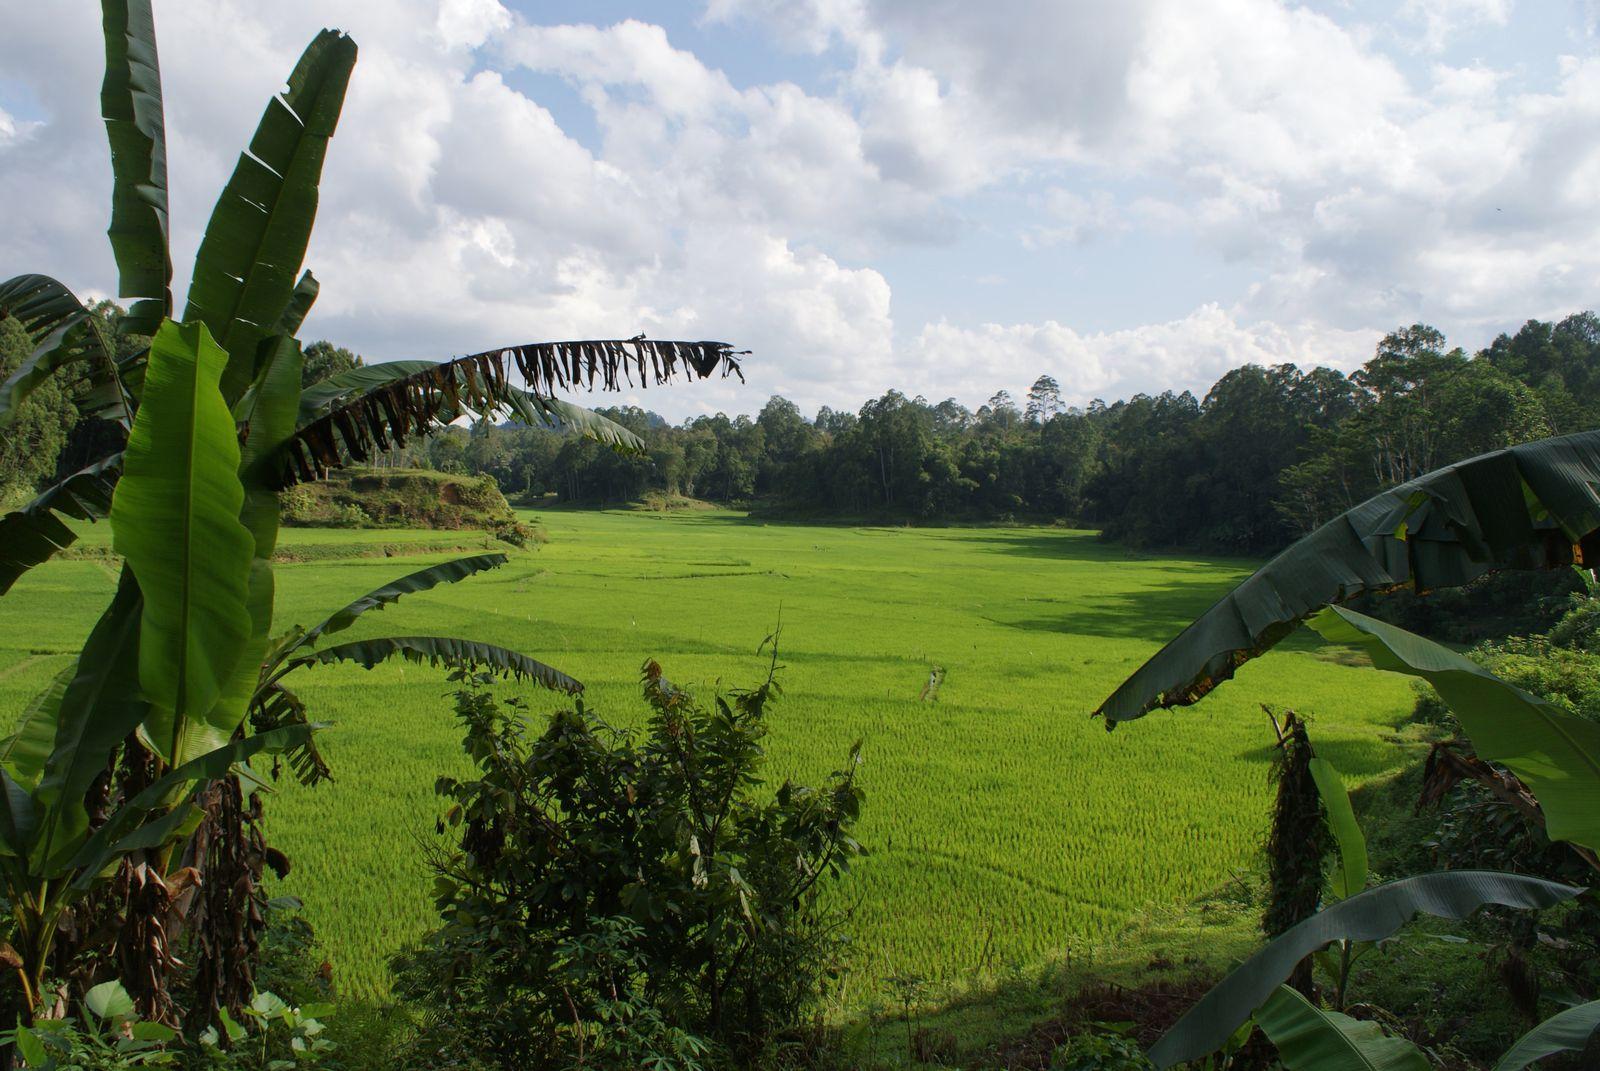 Sulawesi - Rantepao / 2